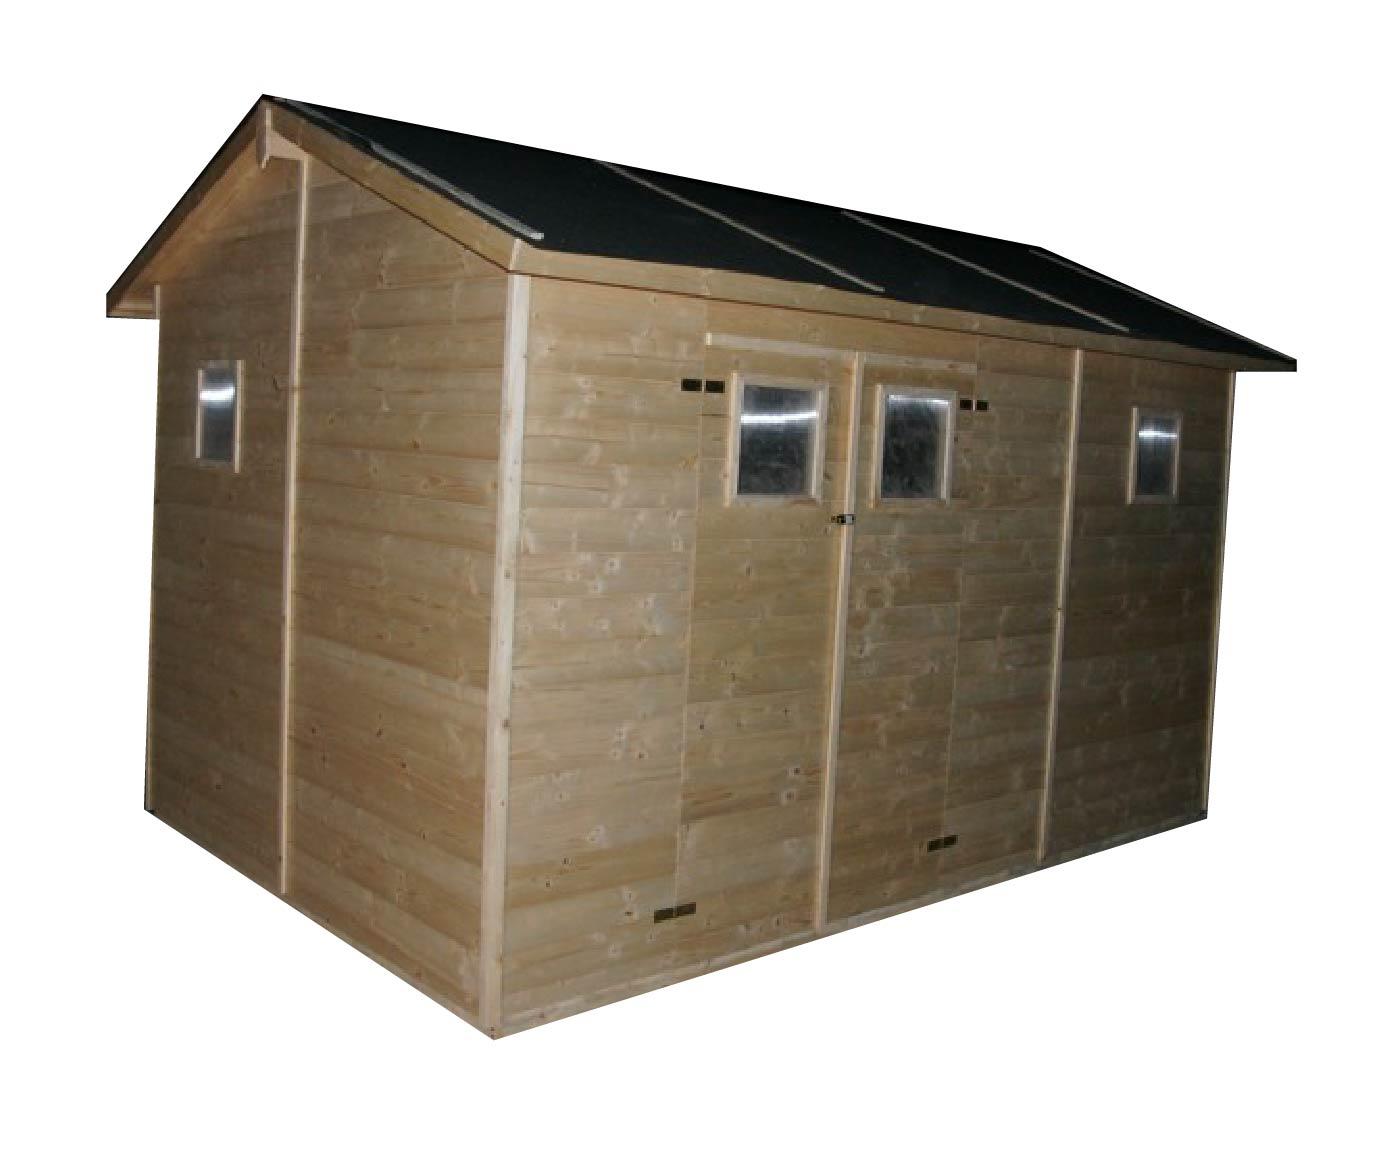 Zahradní dřevěný domek DÉNIA (16mm) s okny, rozměr 3,3 x 3,9m, v.2,3m